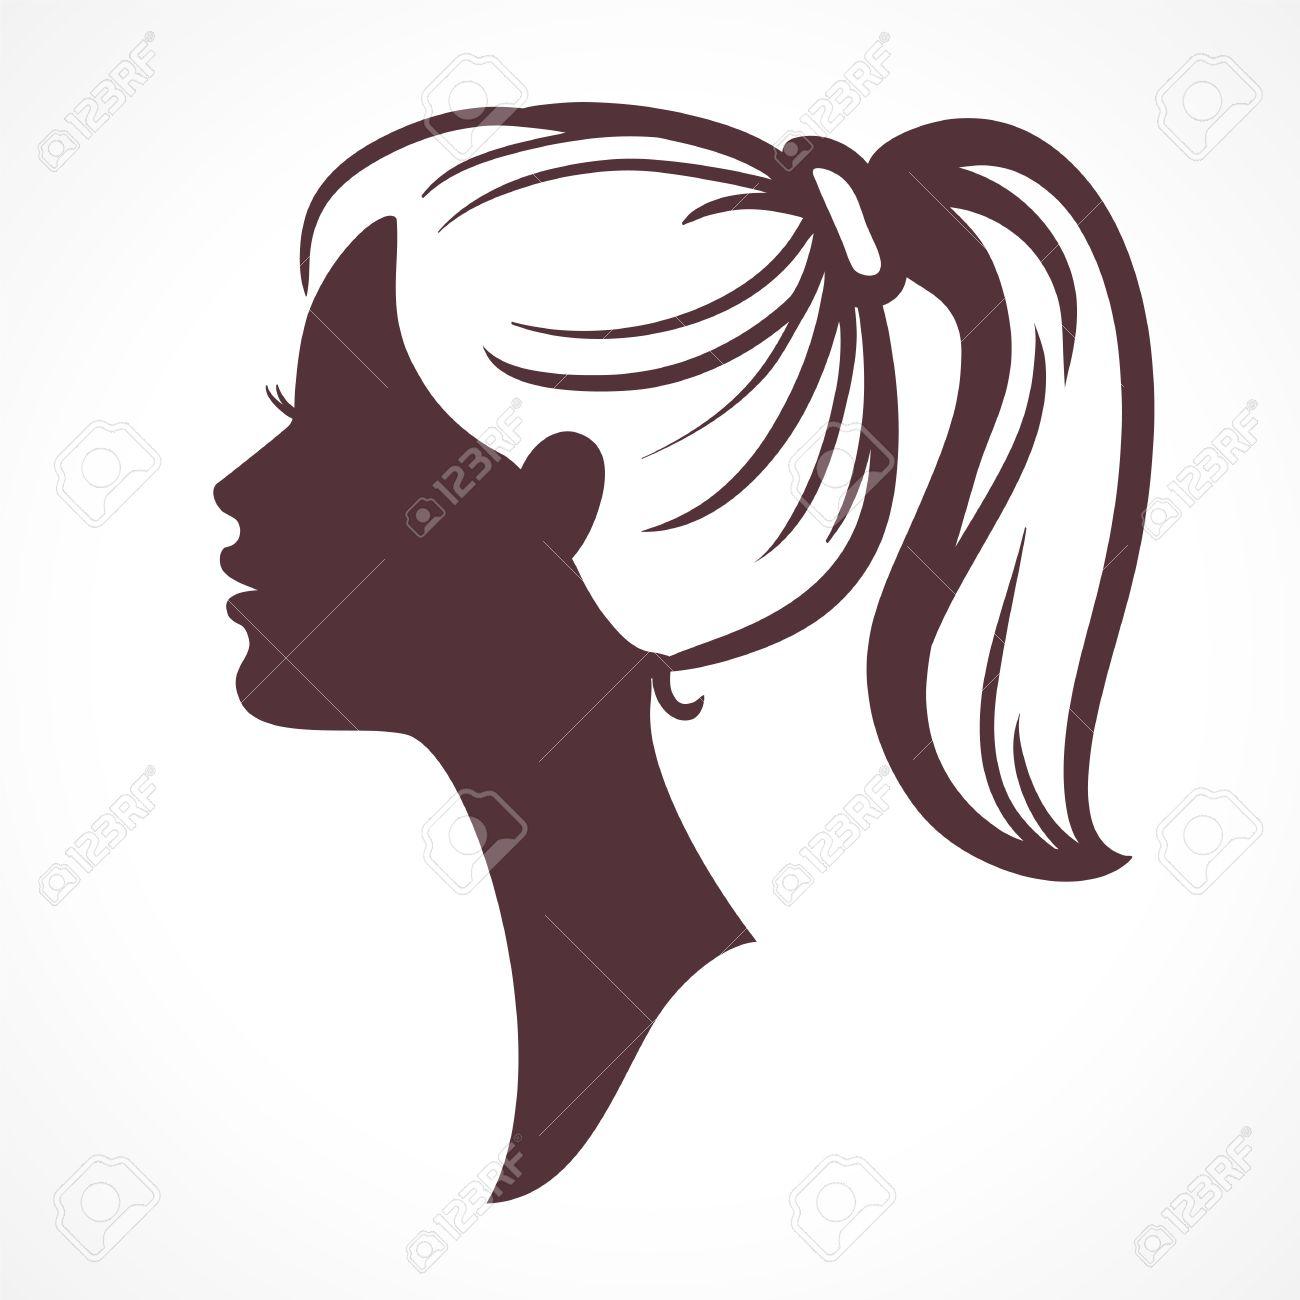 女性の顔のシルエット女の子の頭髪の尾を持つきれいな女の顔の姿勢の